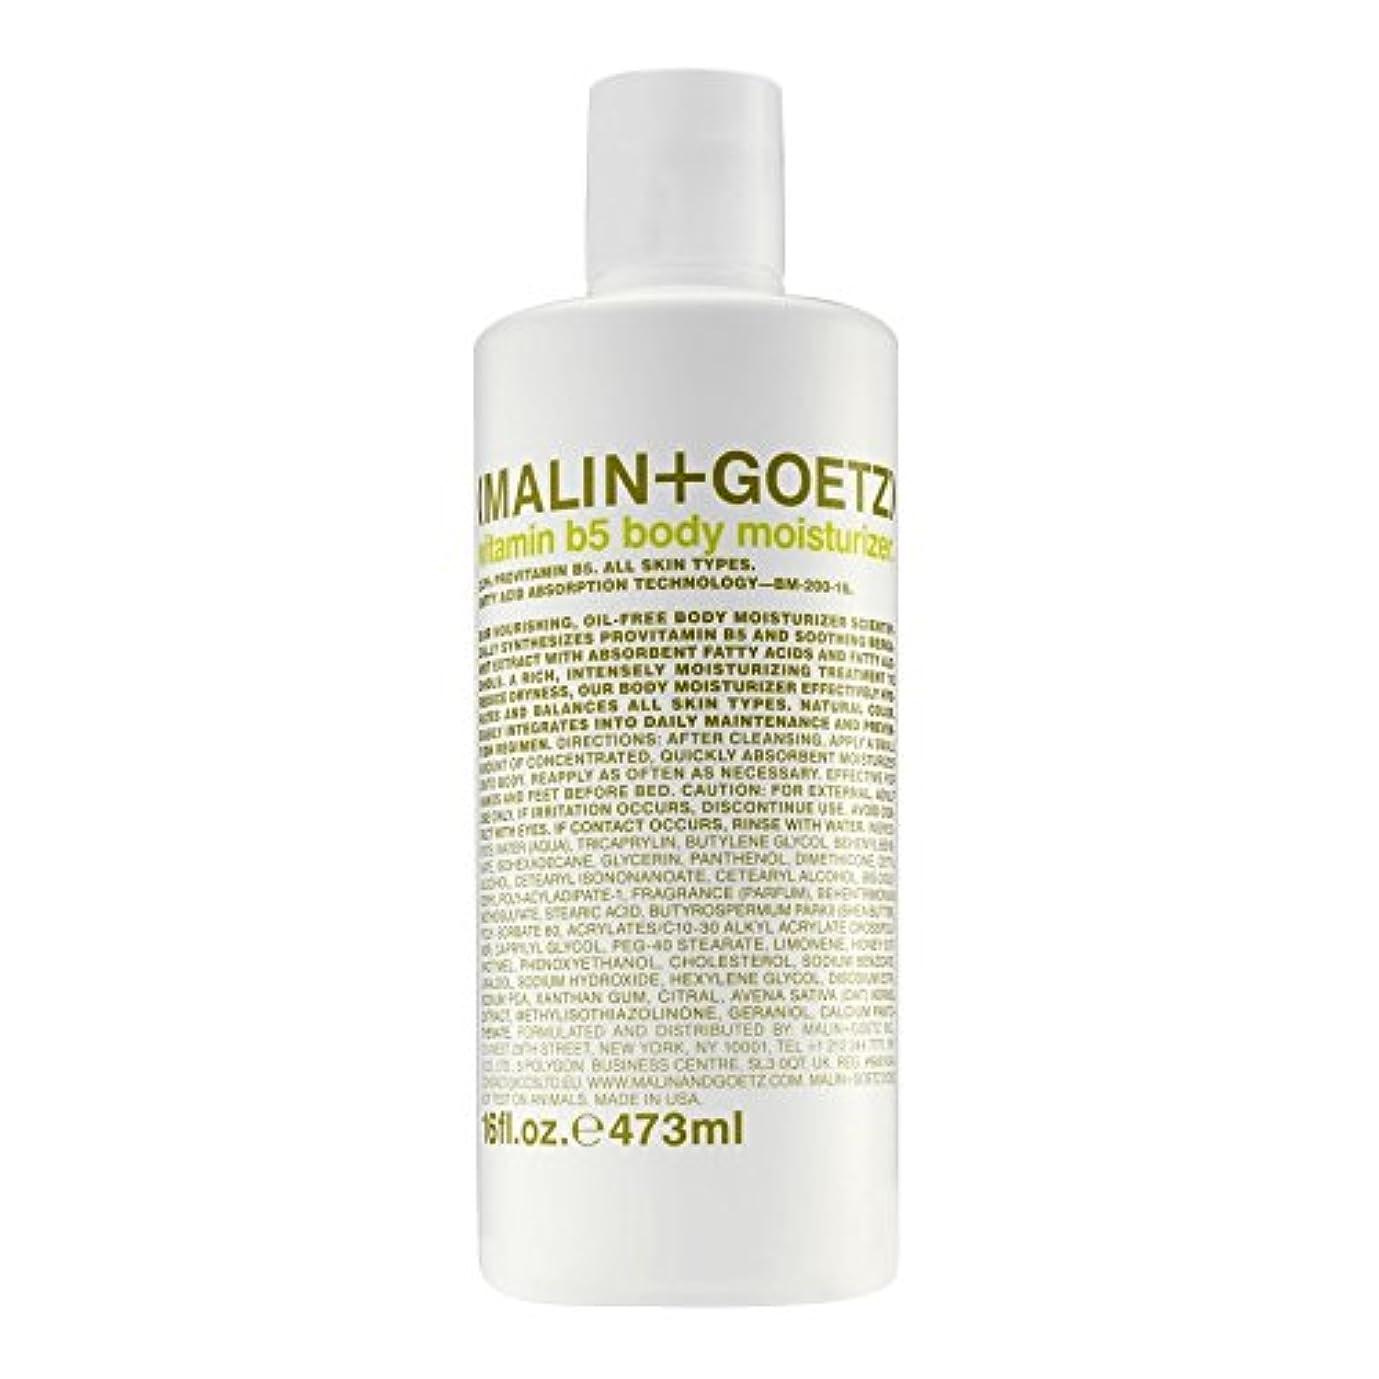 区別時制フェードマリン+ゲッツビタミン5ボディモイスチャライザーの473ミリリットル x4 - MALIN+GOETZ Vitamin B5 Body Moisturiser 473ml (Pack of 4) [並行輸入品]